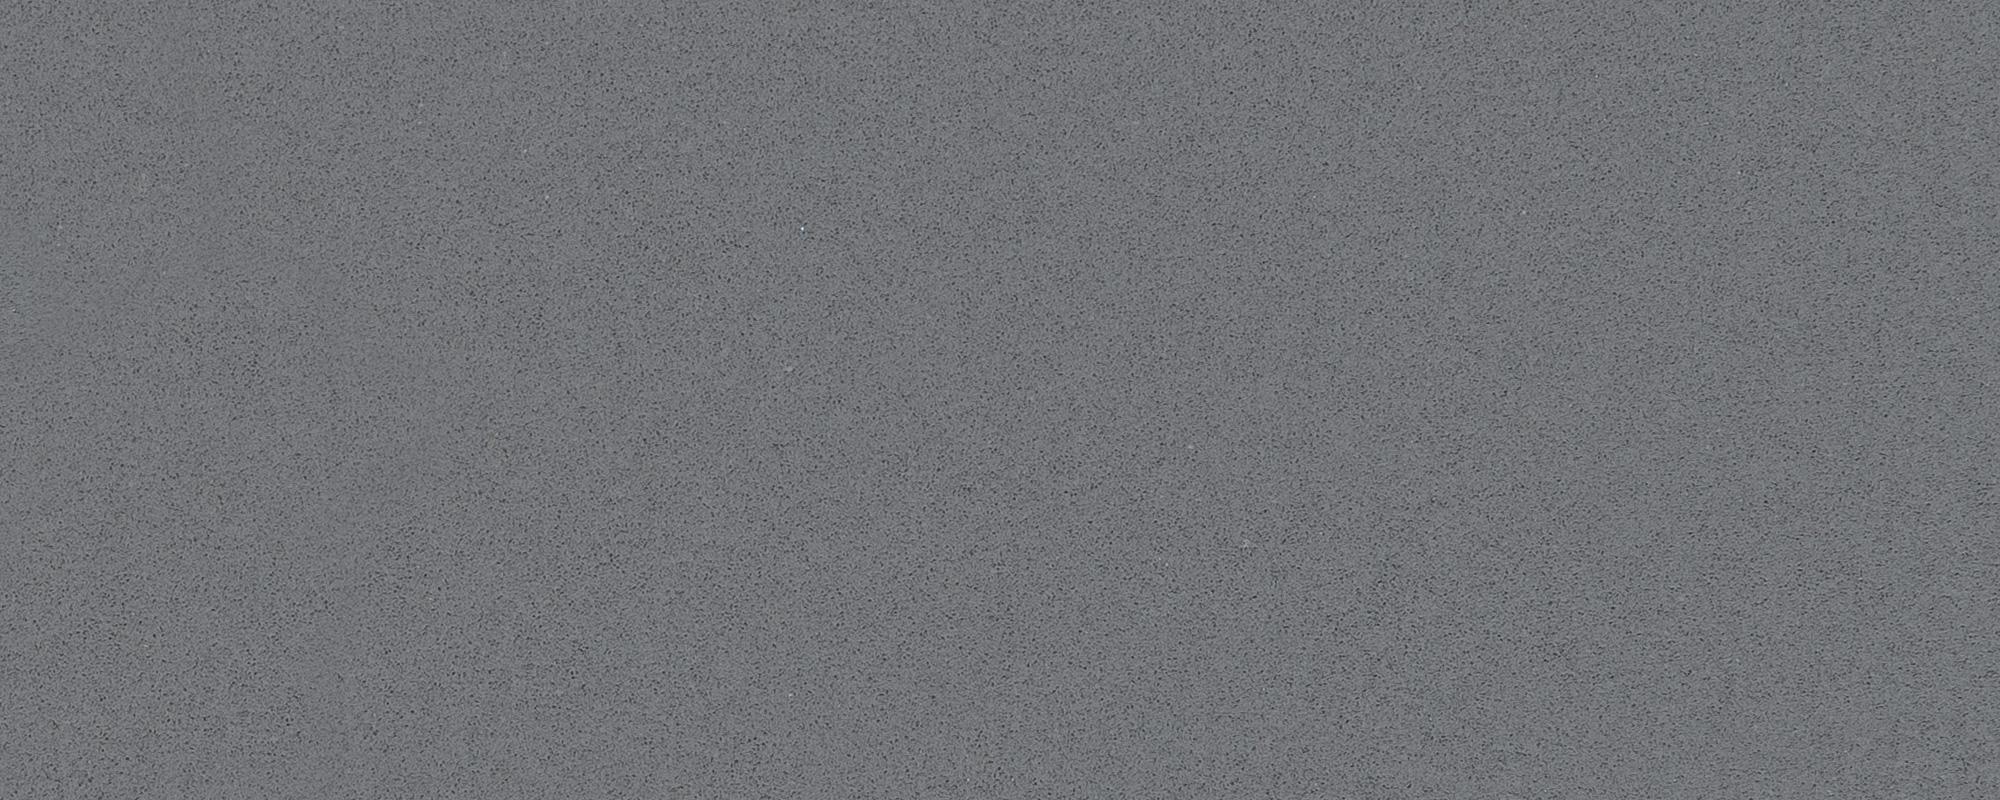 cuarzo de color plomo colecci n compac ForColor Plomo